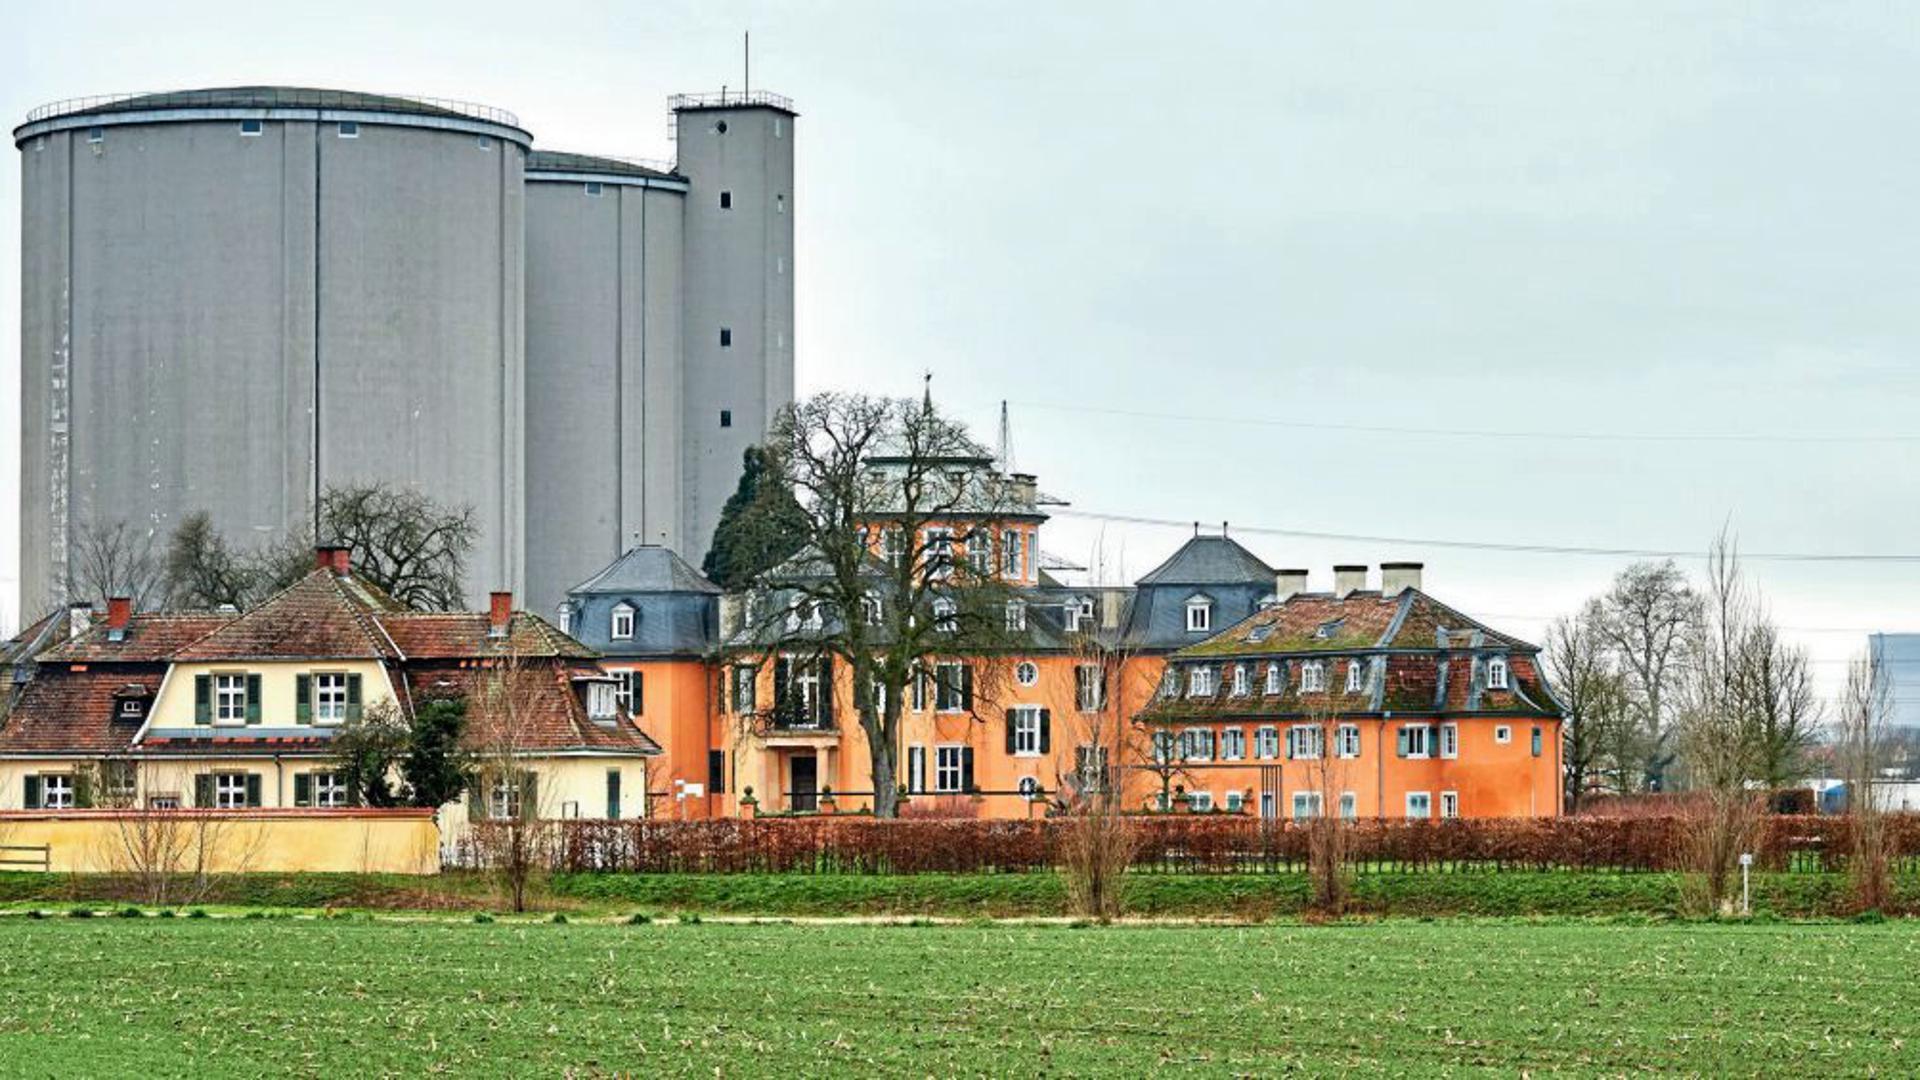 In Waghäusel umschloss die Zuckerfabrik seit 1837 das Schlösschen Eremitage. Die Betonsilos als Zuckerlager stammen von 1970 und stehen seit 2004 ungenutzt. Ihr Abriss soll zwei Millionen Euro kosten. Rechts im Hintergrund die Philippsburger Kühltürme, die in diesem Jahr gesprengt wurden.